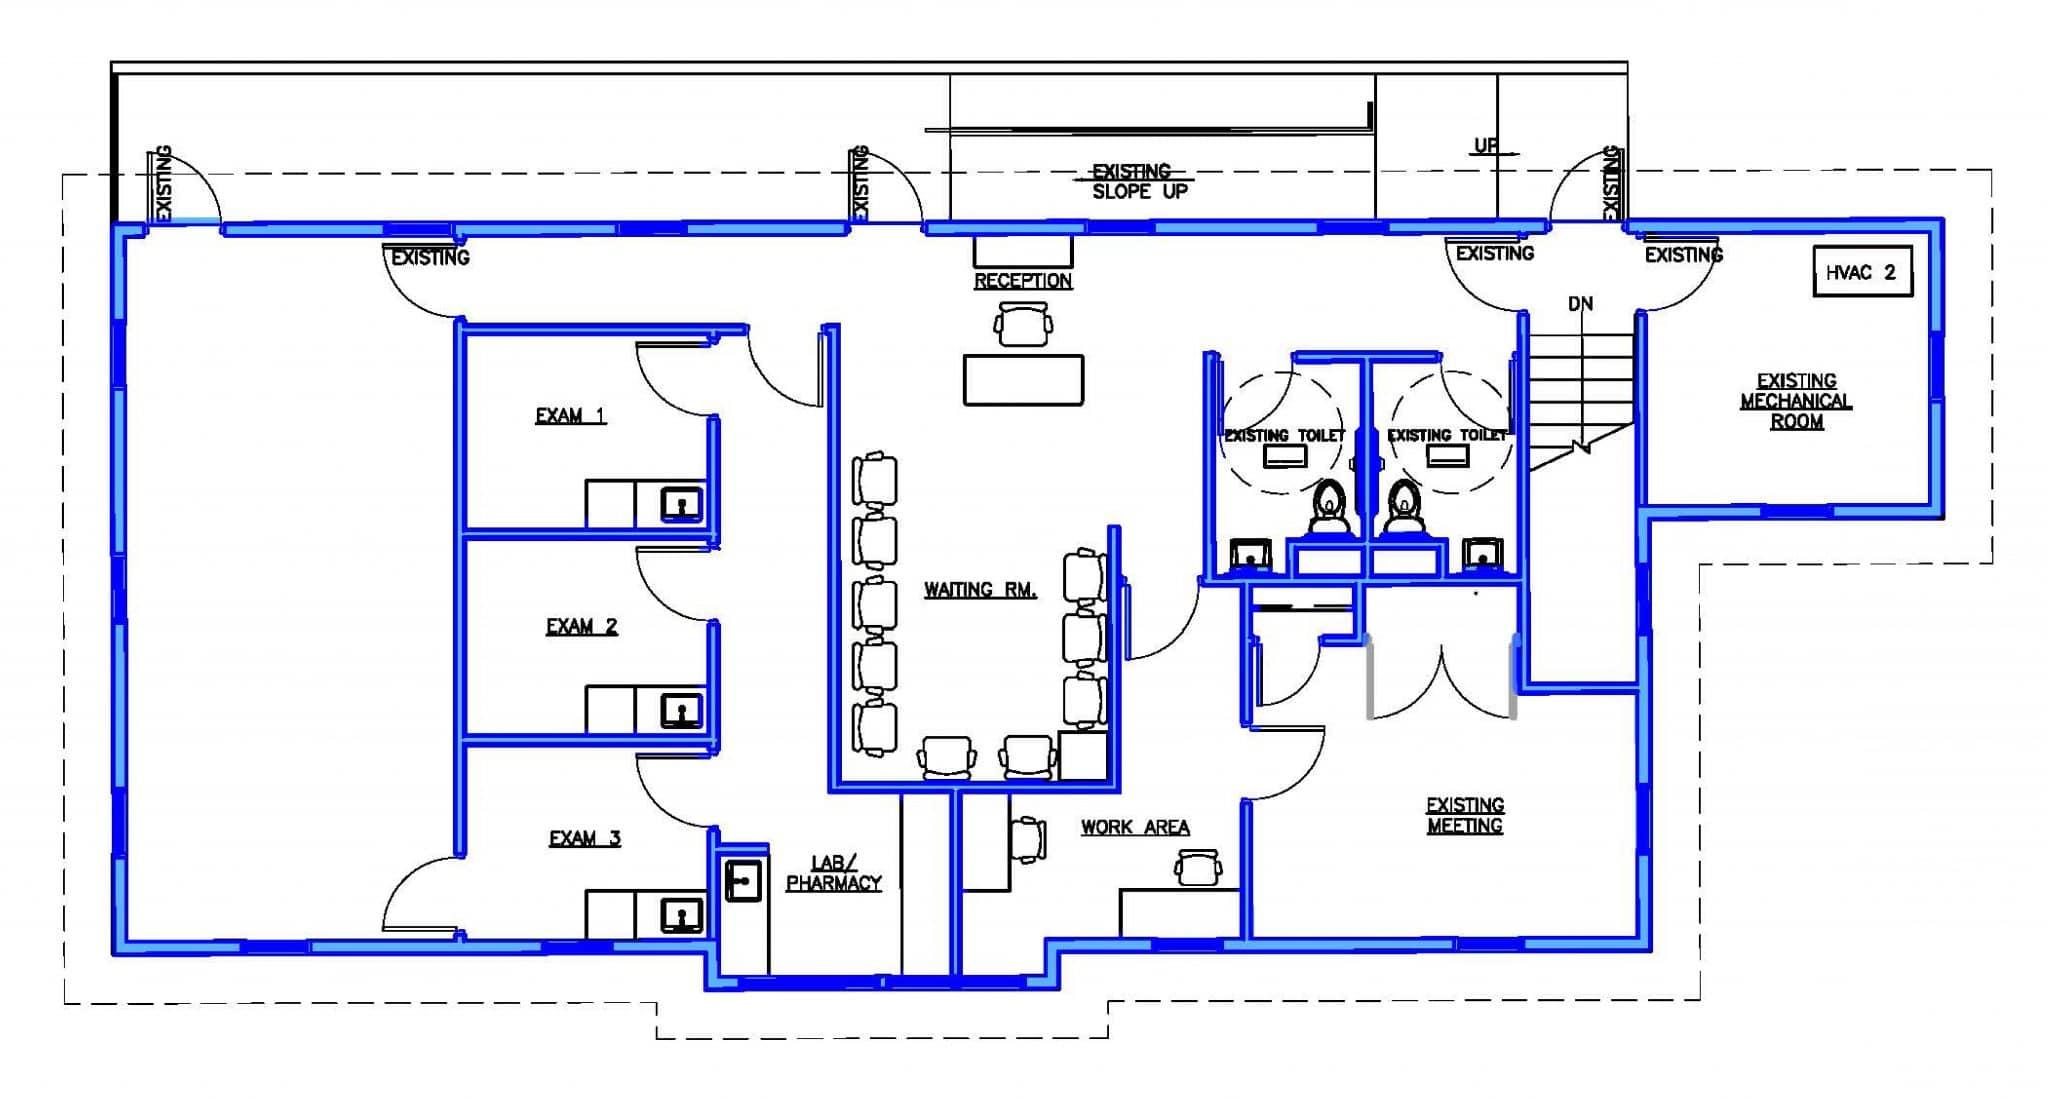 Previous floor plan.